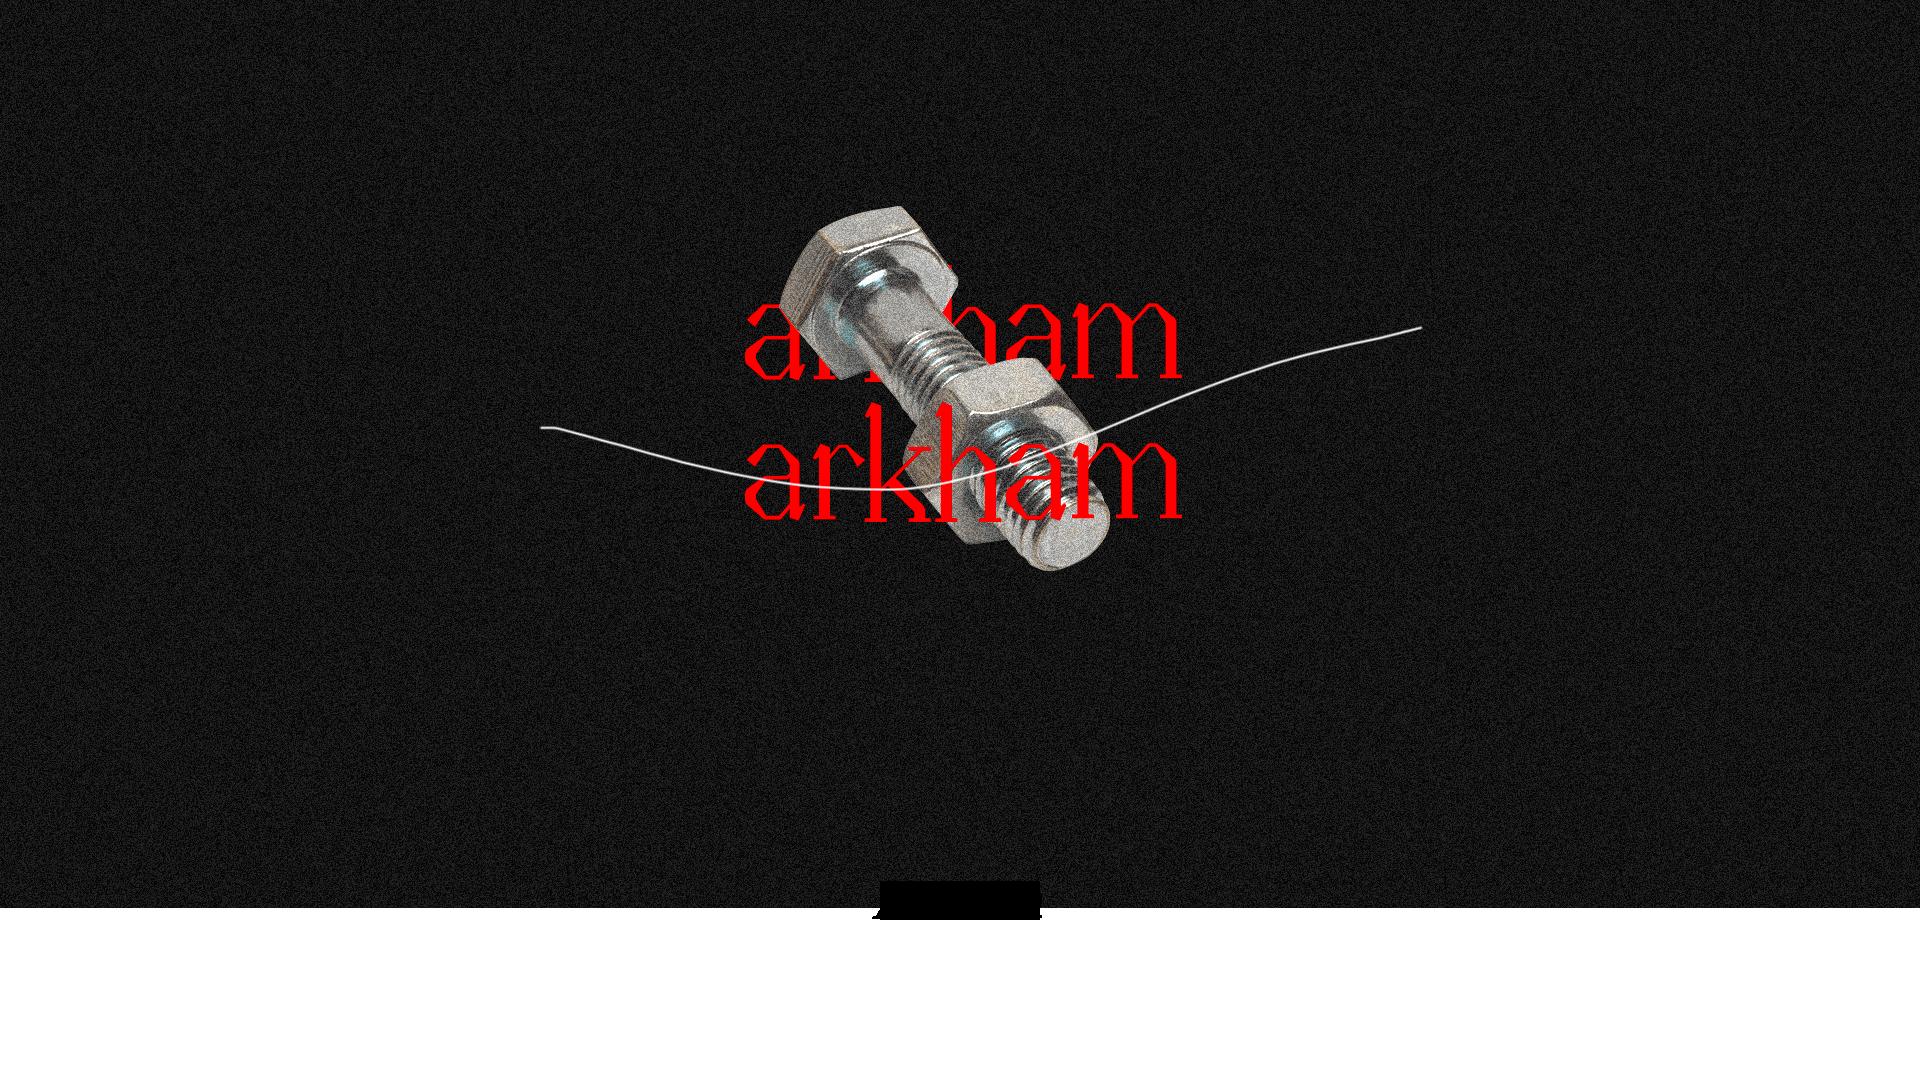 arkcouvArkham